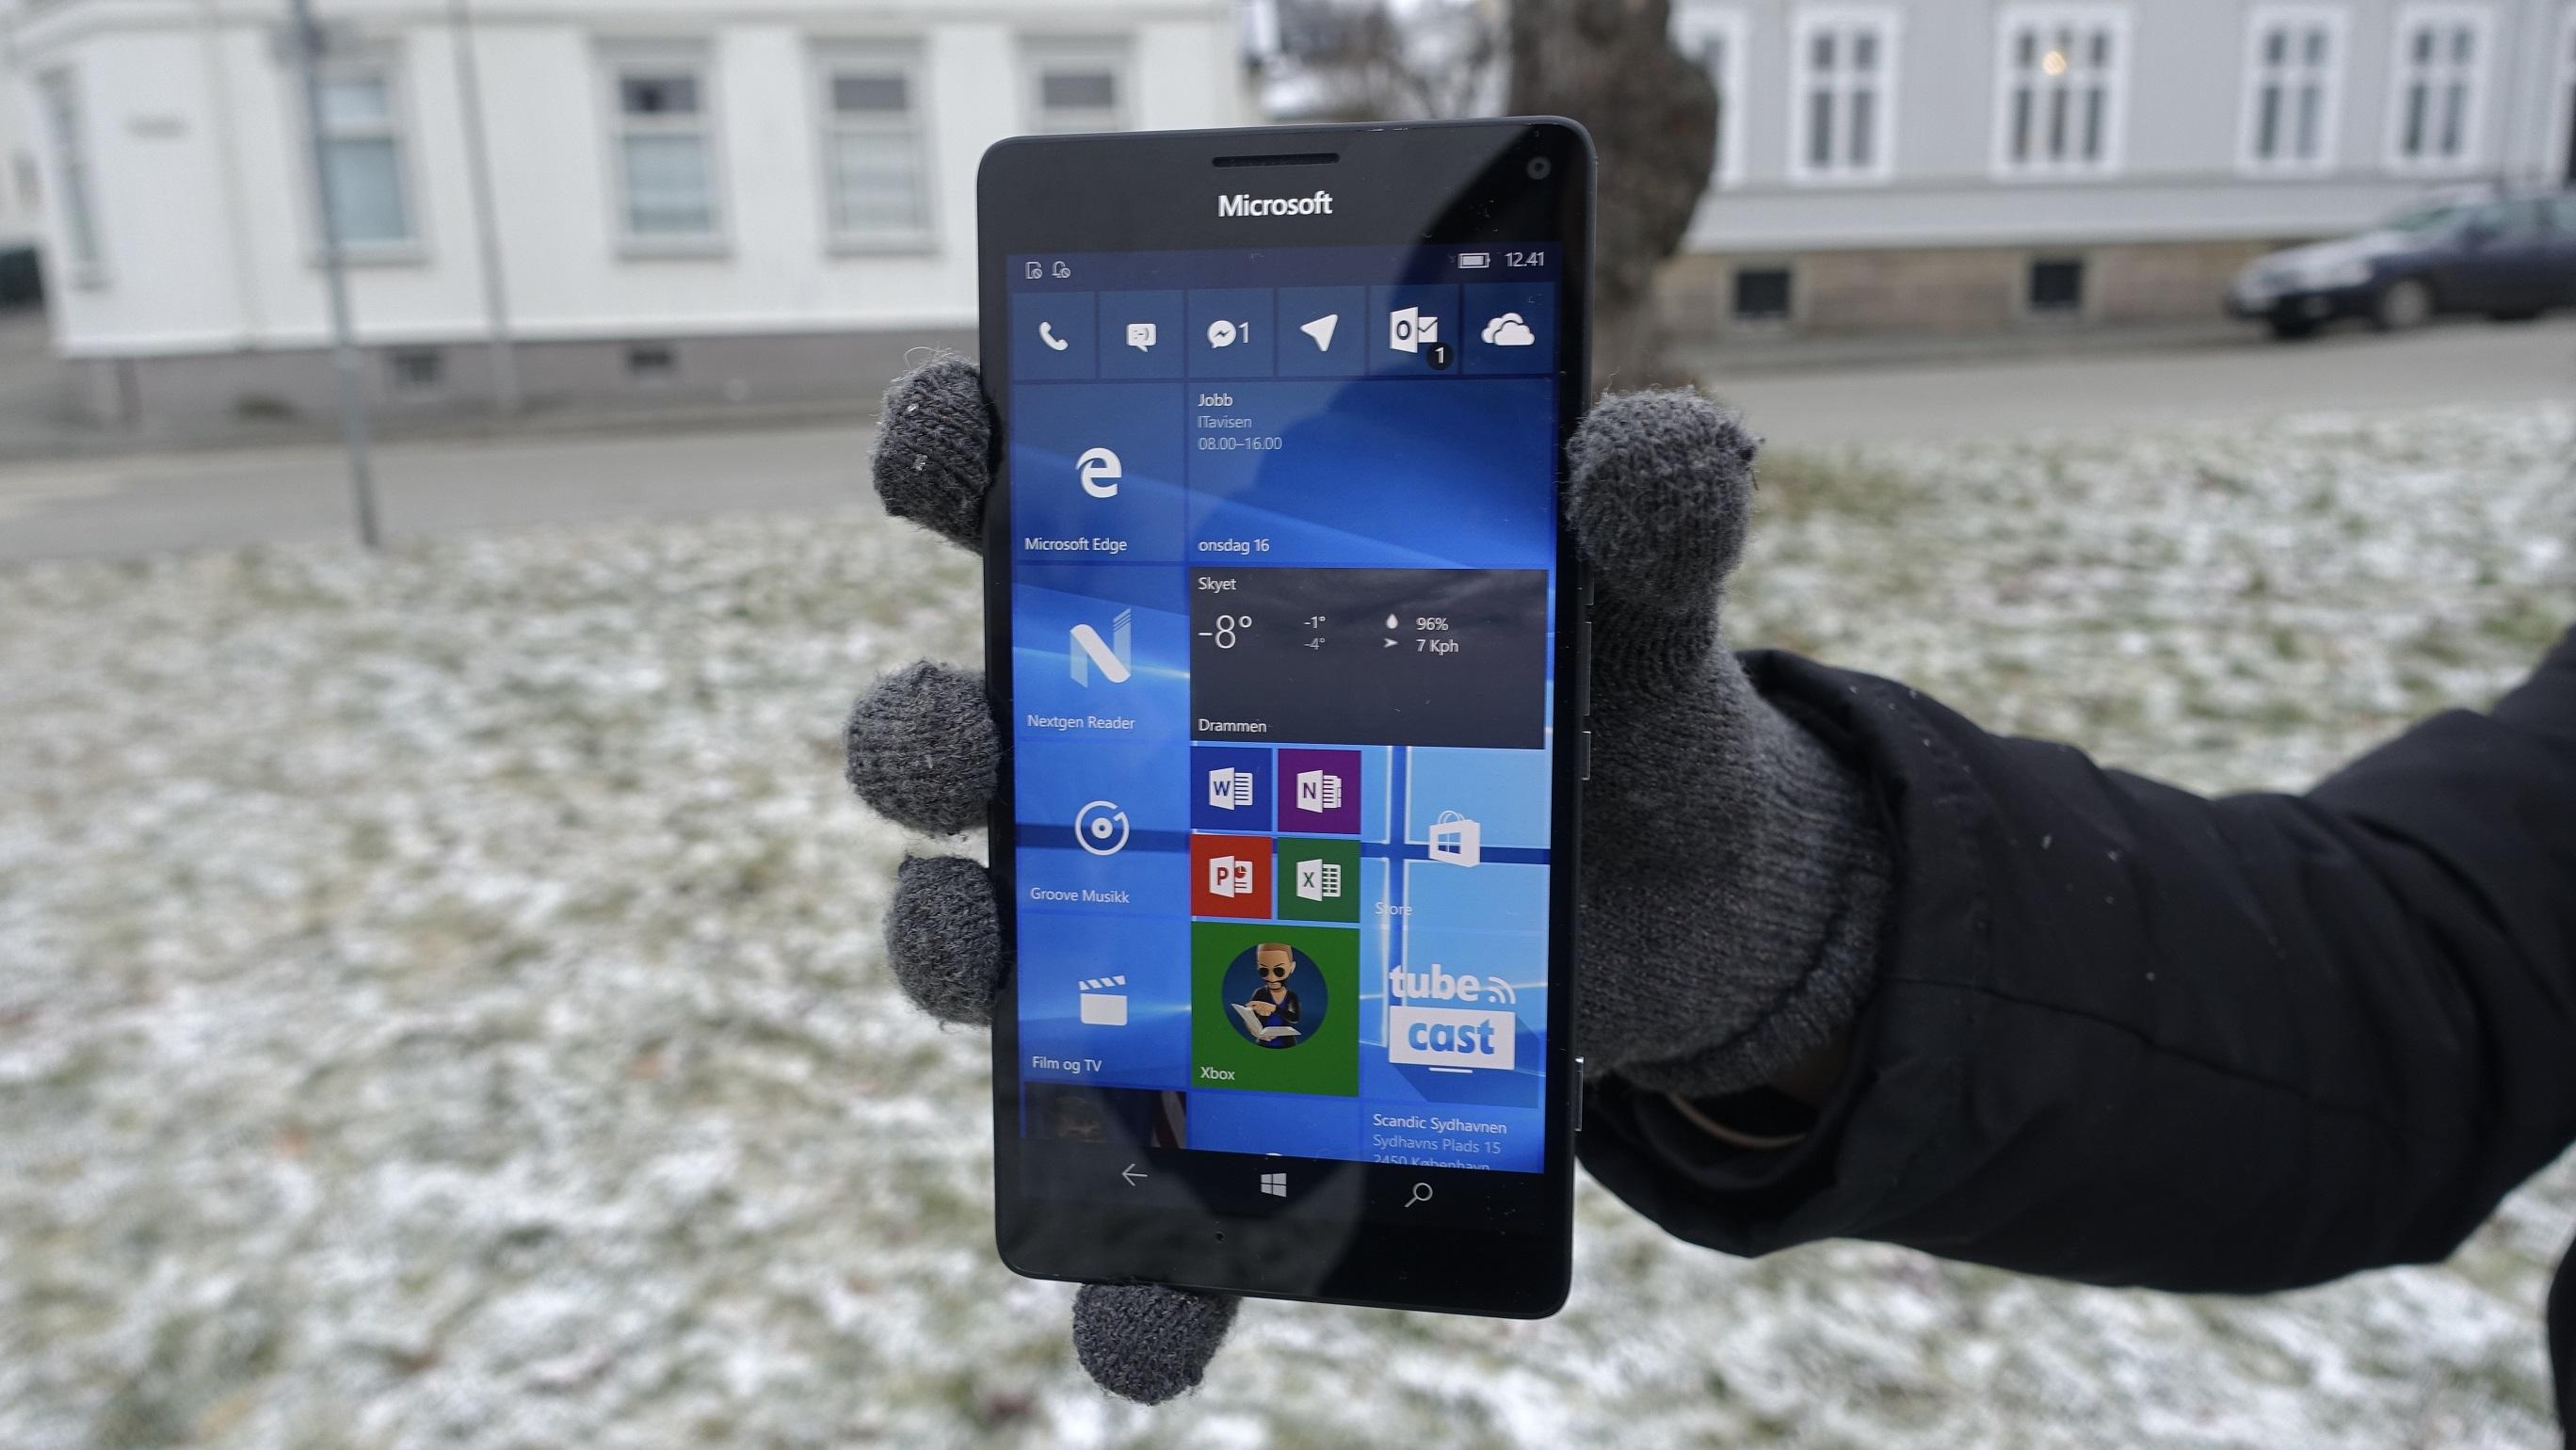 Hjemskjermen til Windows 10 Mobil er unik og flott.